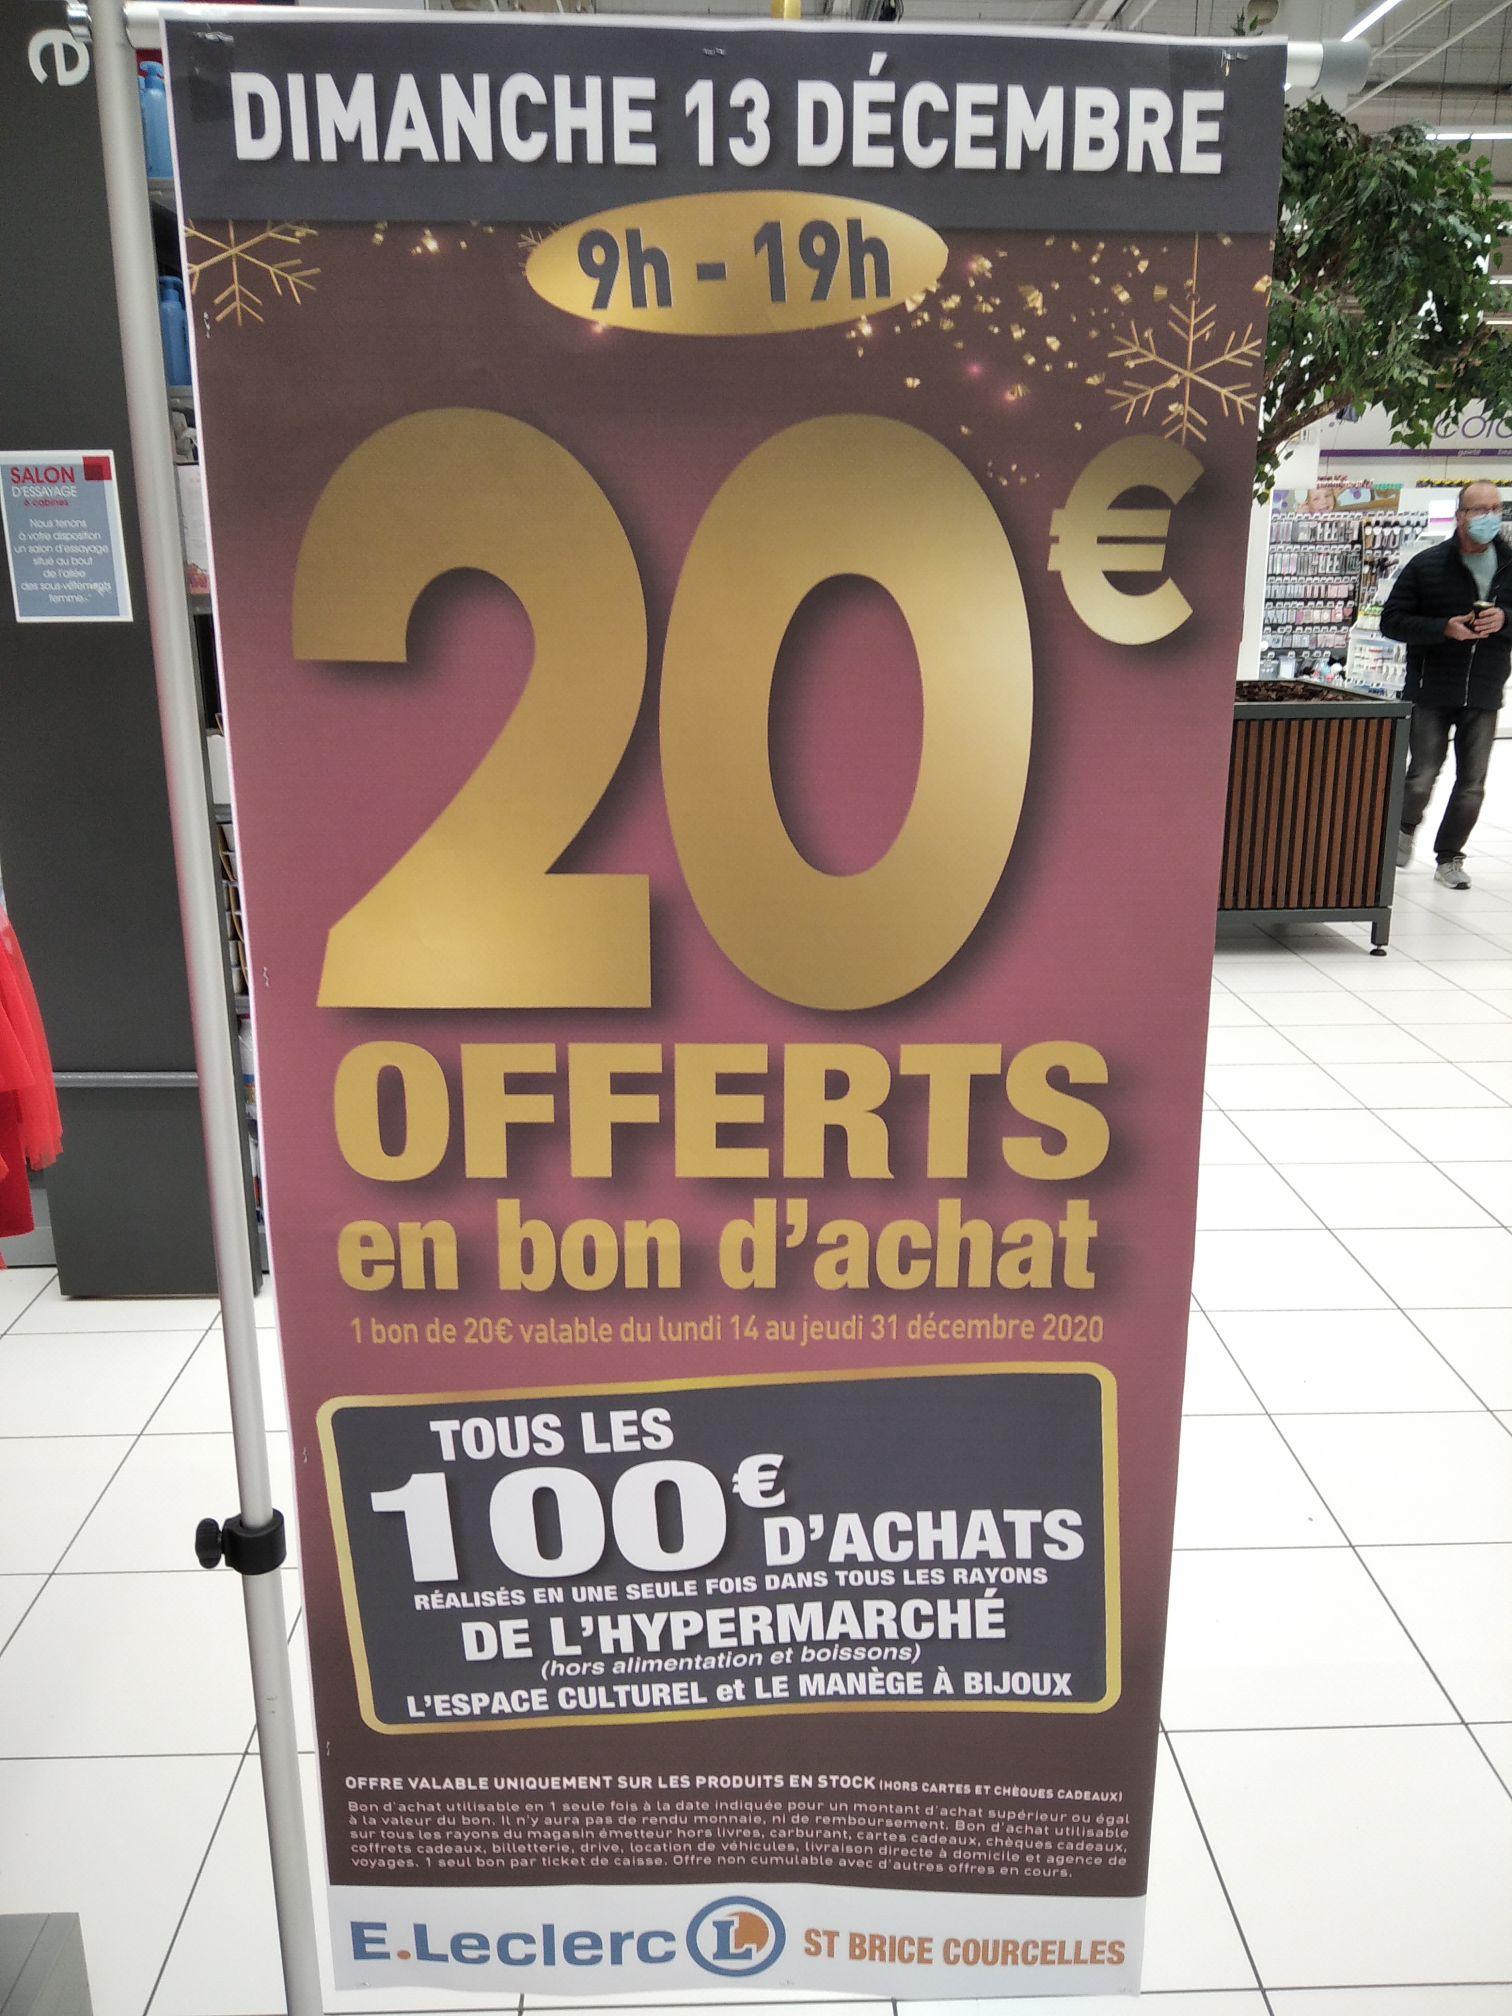 20€ offerts en bon d'achat tous les 100€ de courses - Saint-Brice-Courcelles (51)